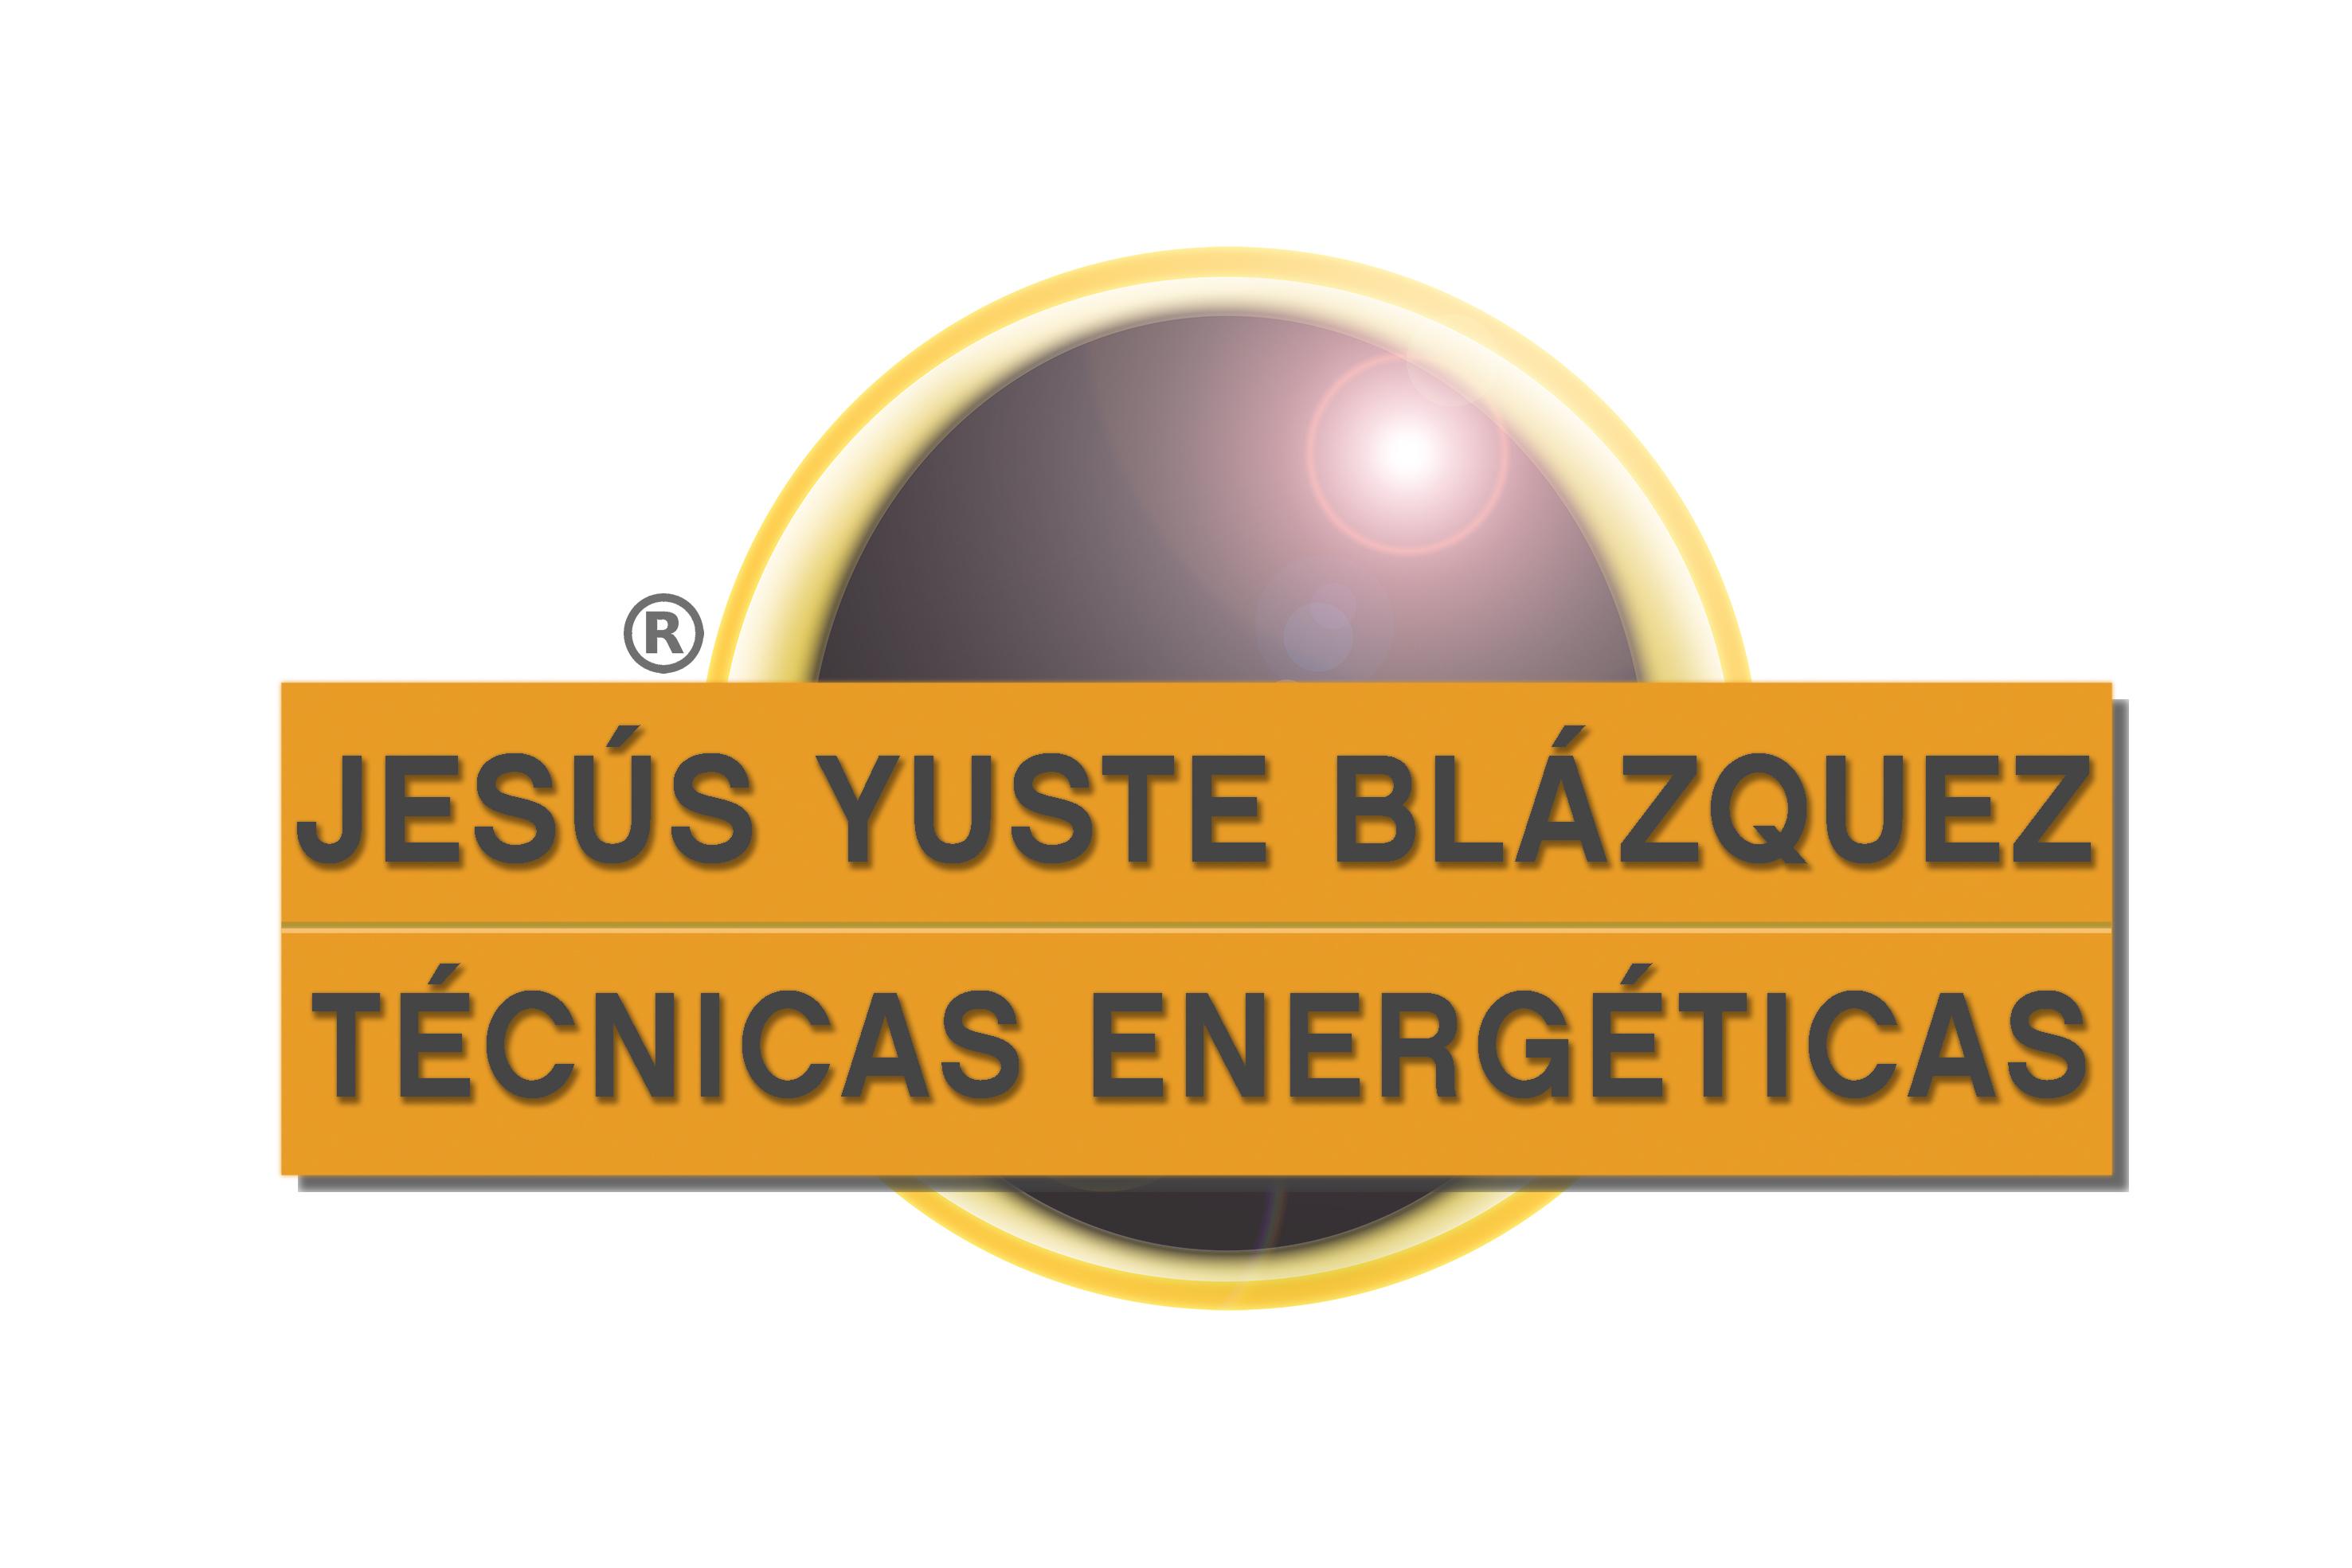 TECNICAS ENERGETICAS YUSTE